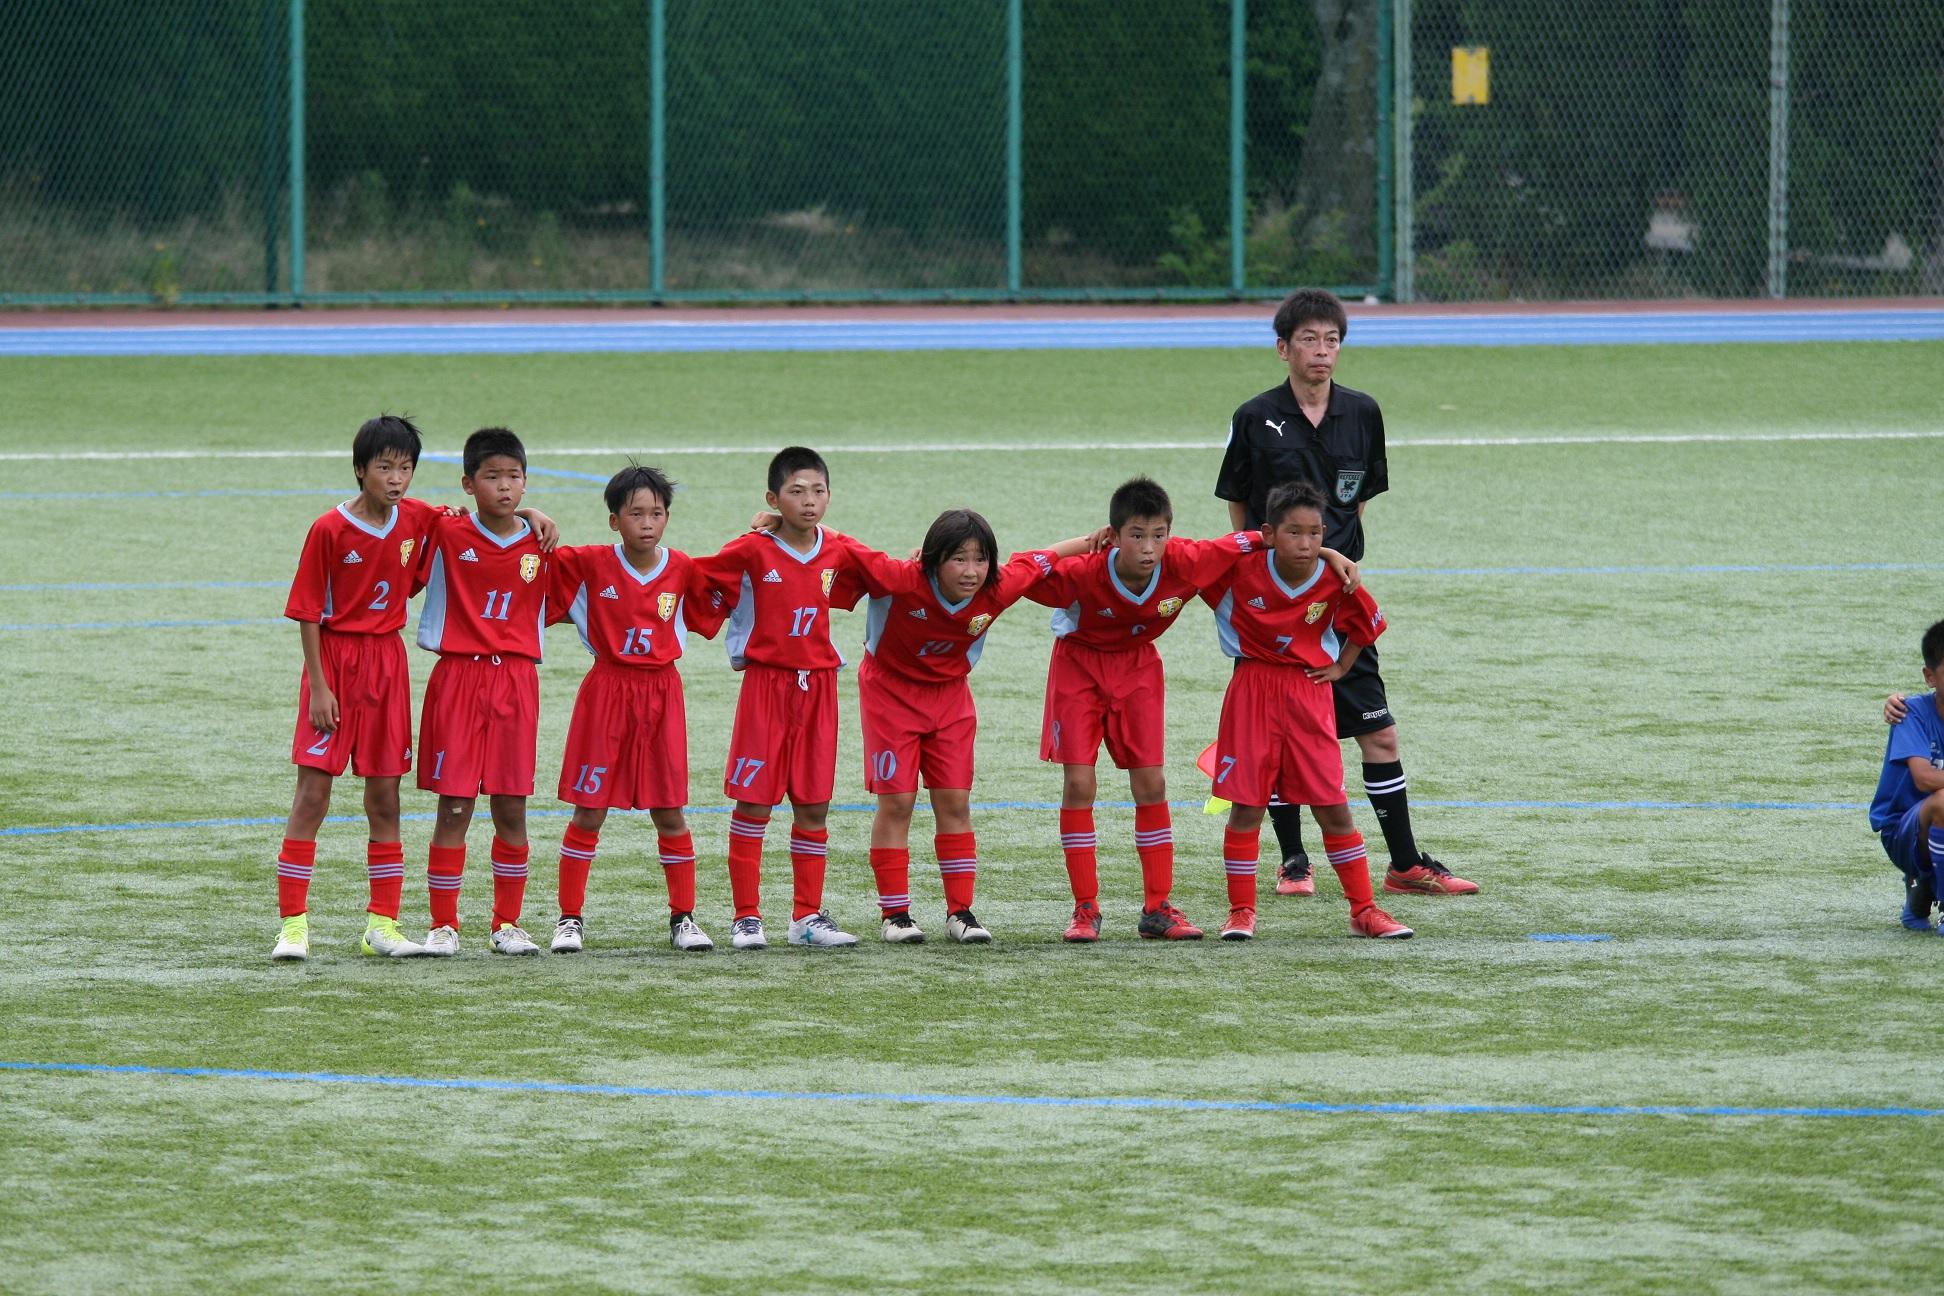 ~KINSHOカップ第39回奈良県小学生サッカー大会~